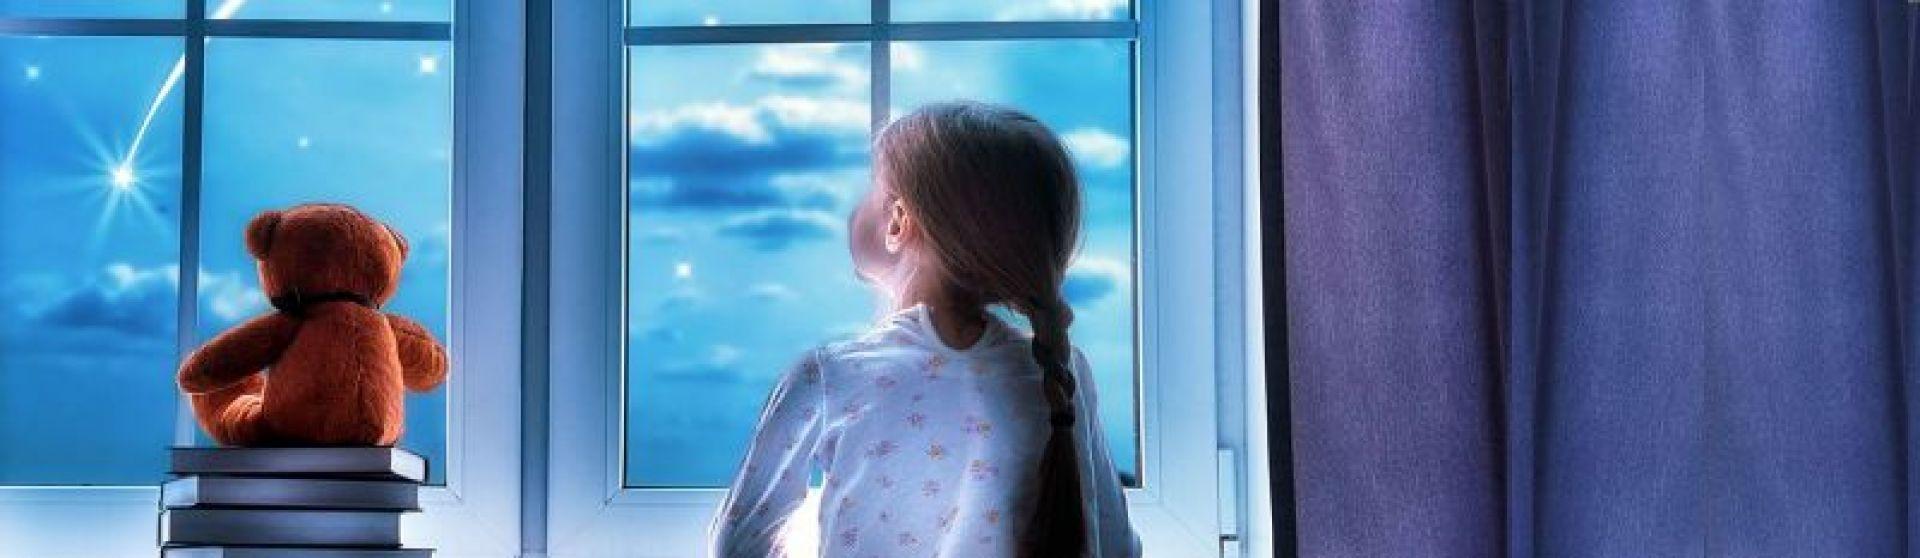 Pide un deseo ¡Todo comenzó con un deseo, vea el efecto transformador de un deseo otorgado!